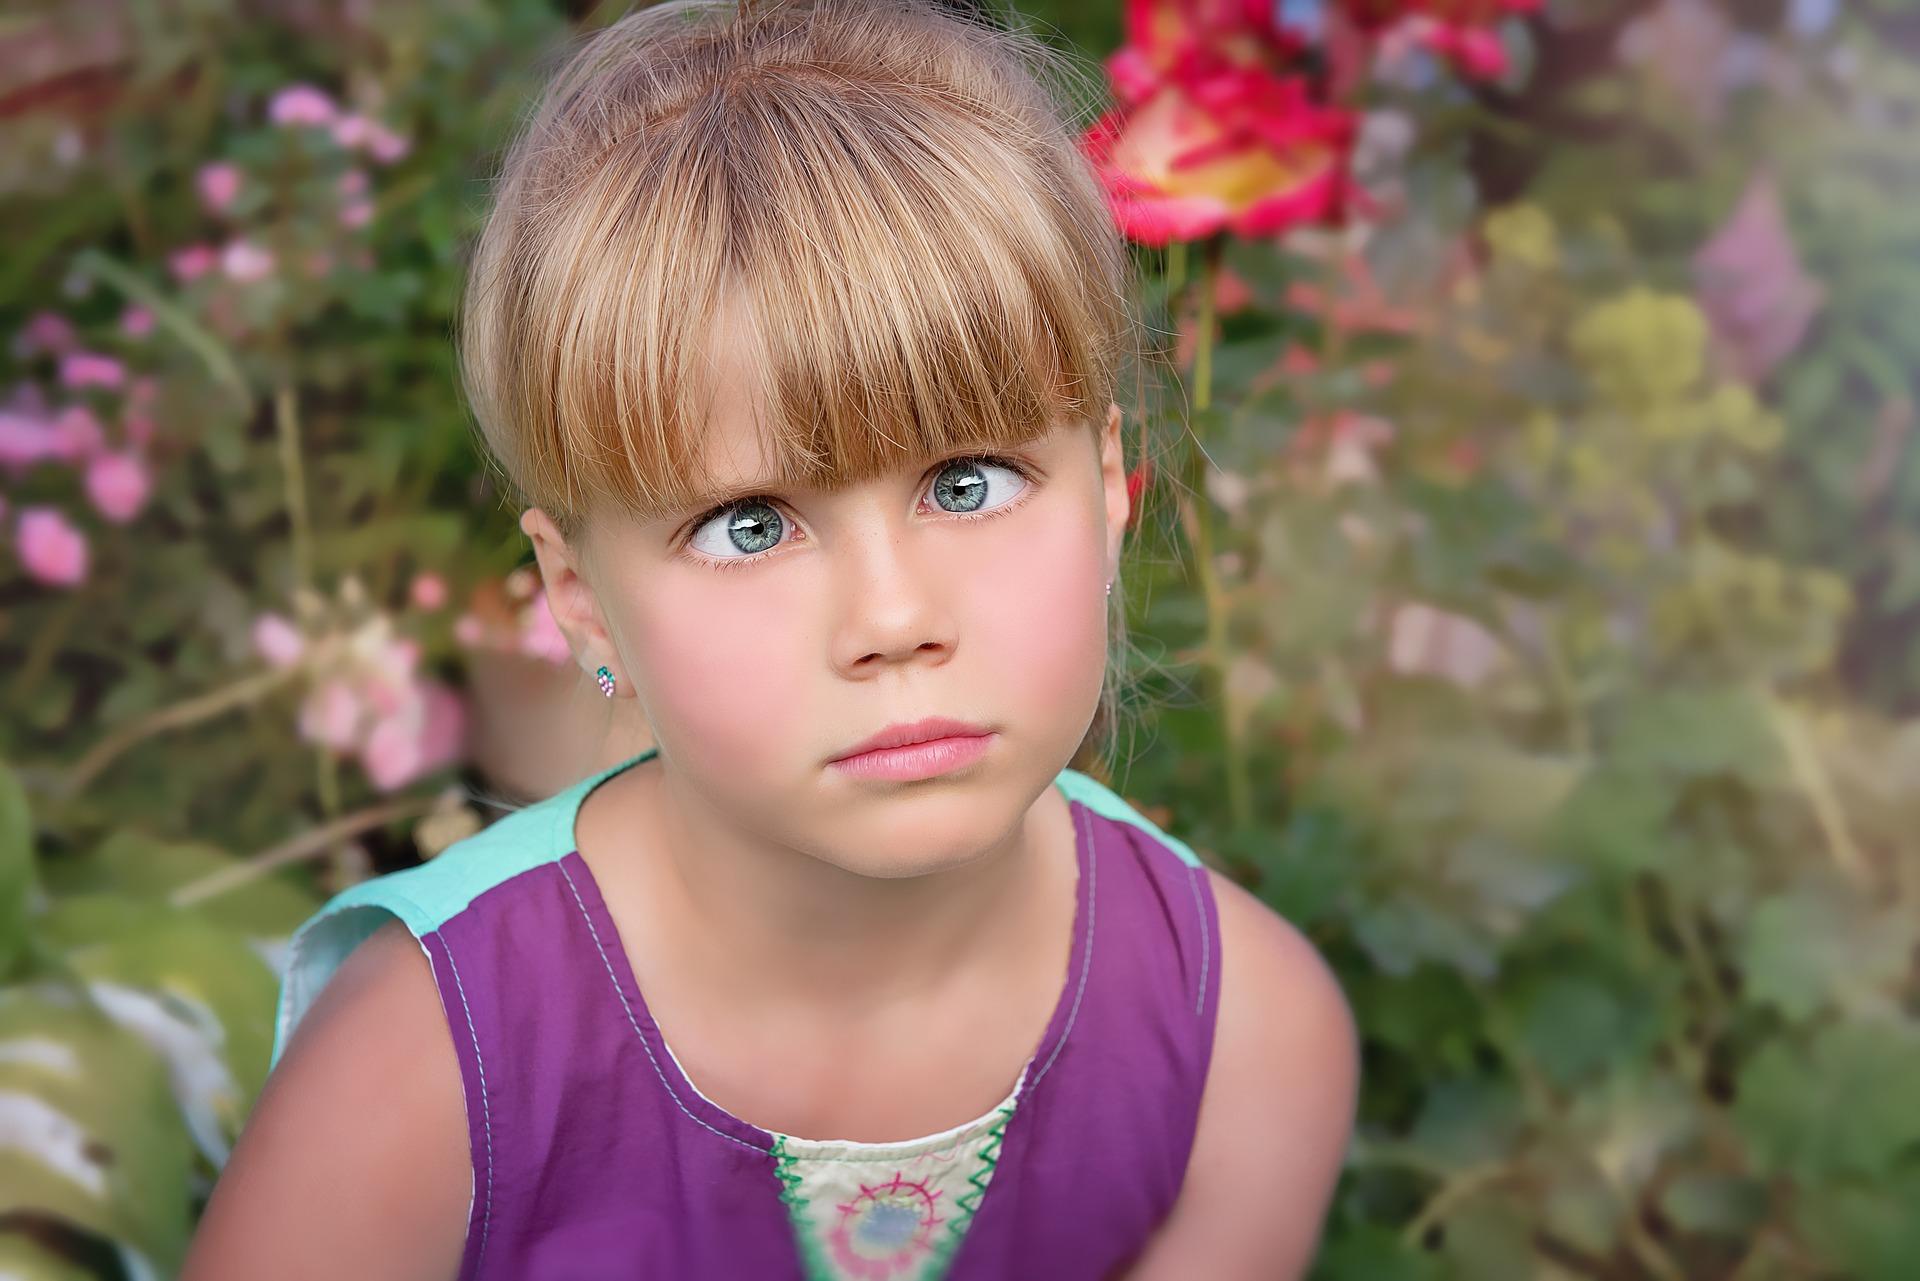 Bildet viser et barn som ser i kryss